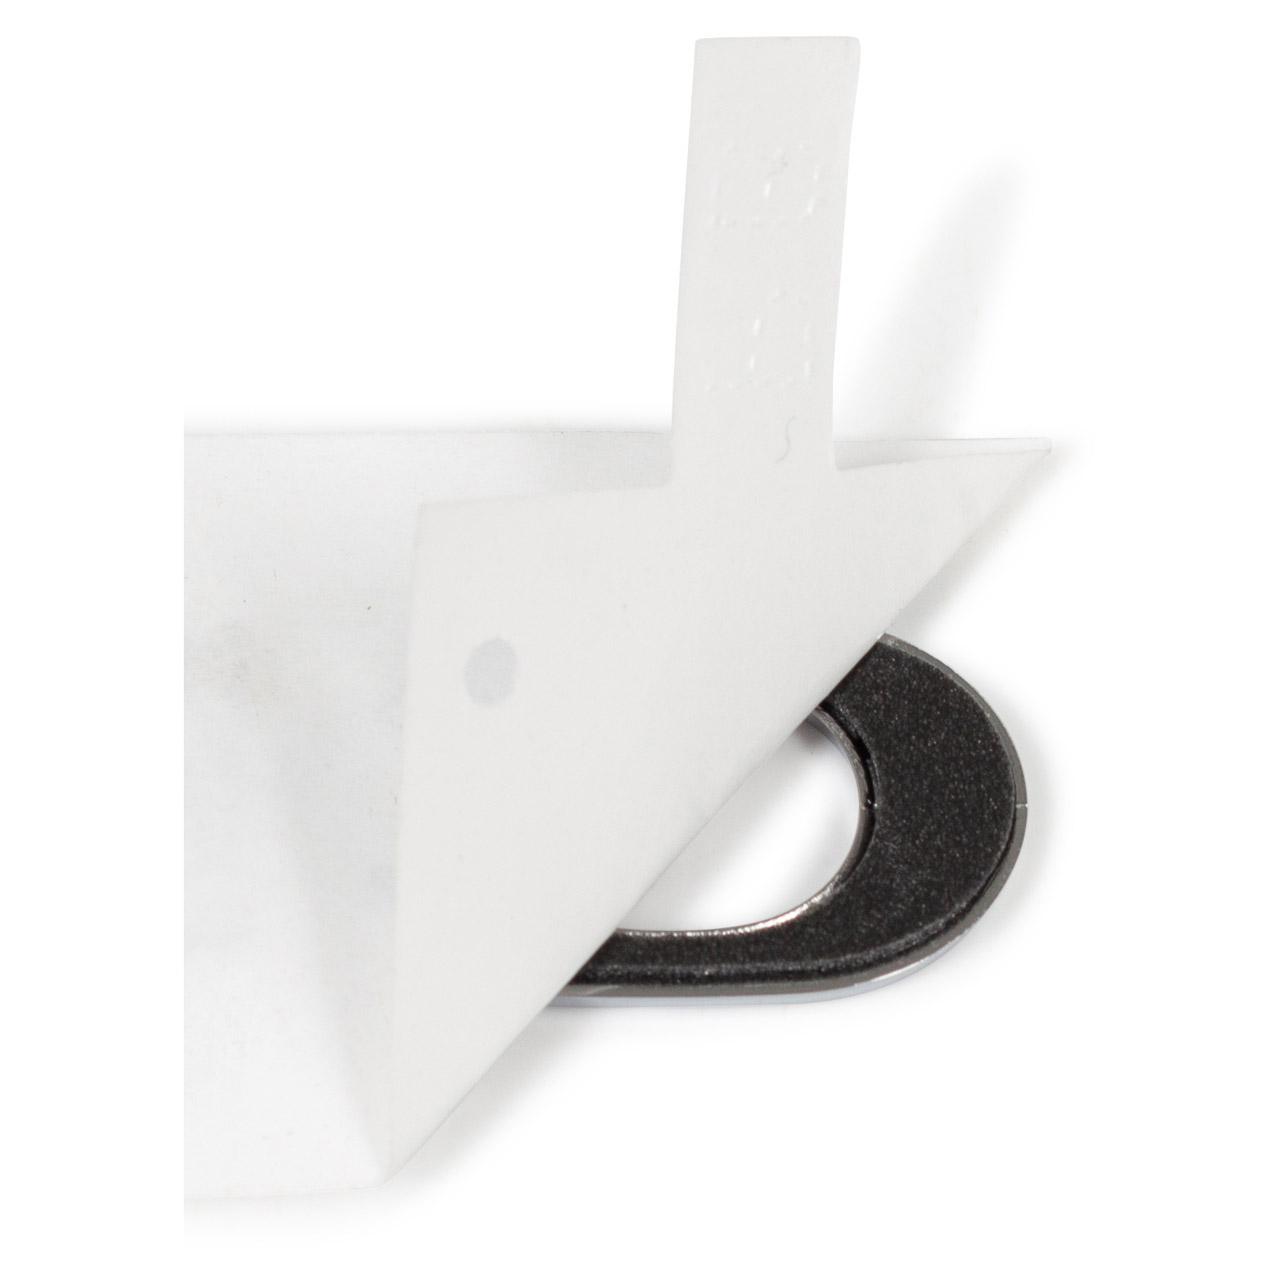 ORIGINAL CITROEN Emblem Logo + Schriftzug Fahrzeughecktür Jumpy Spacetourer 98147670VD